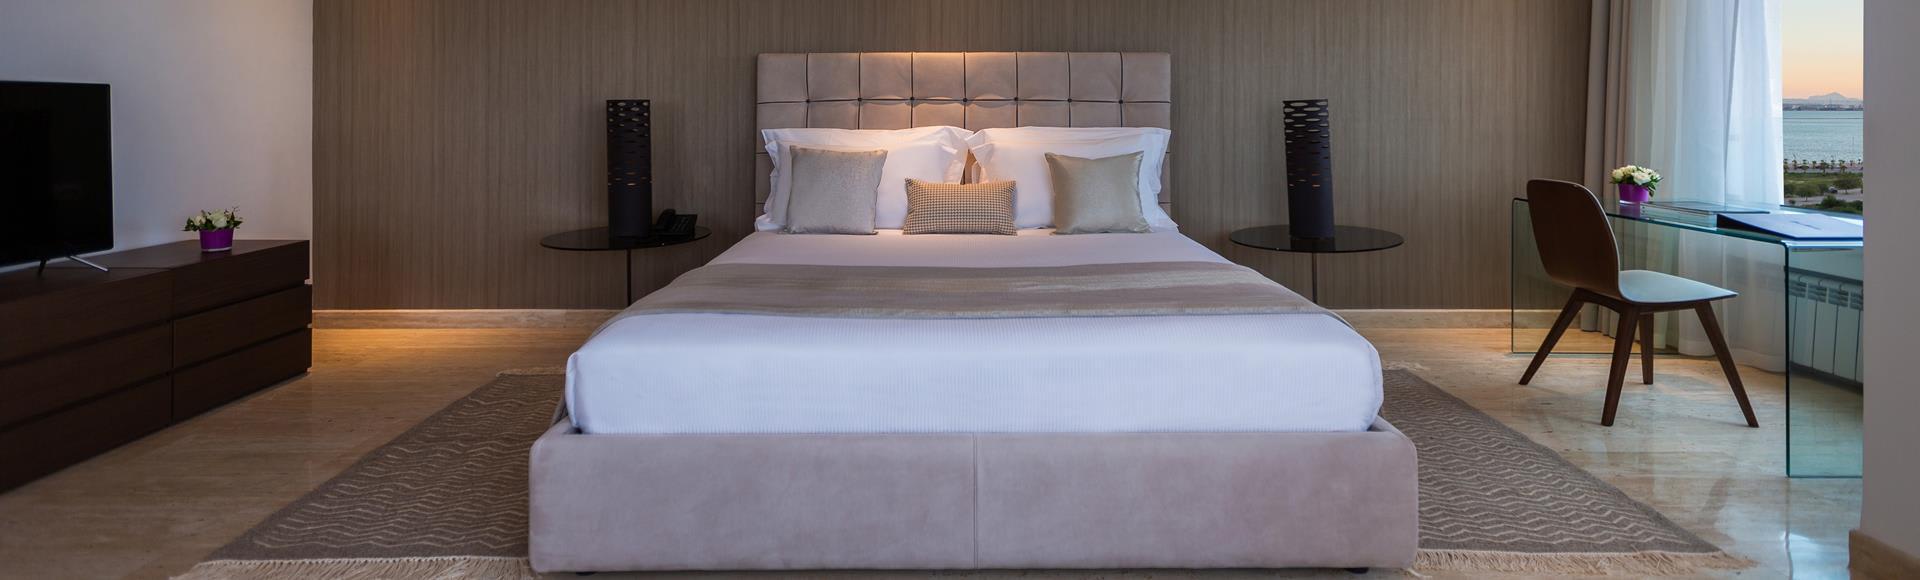 Avani Four Bedroom Lake View Loft Suite at  Avani Les Berges Du Lac Tunis Suites